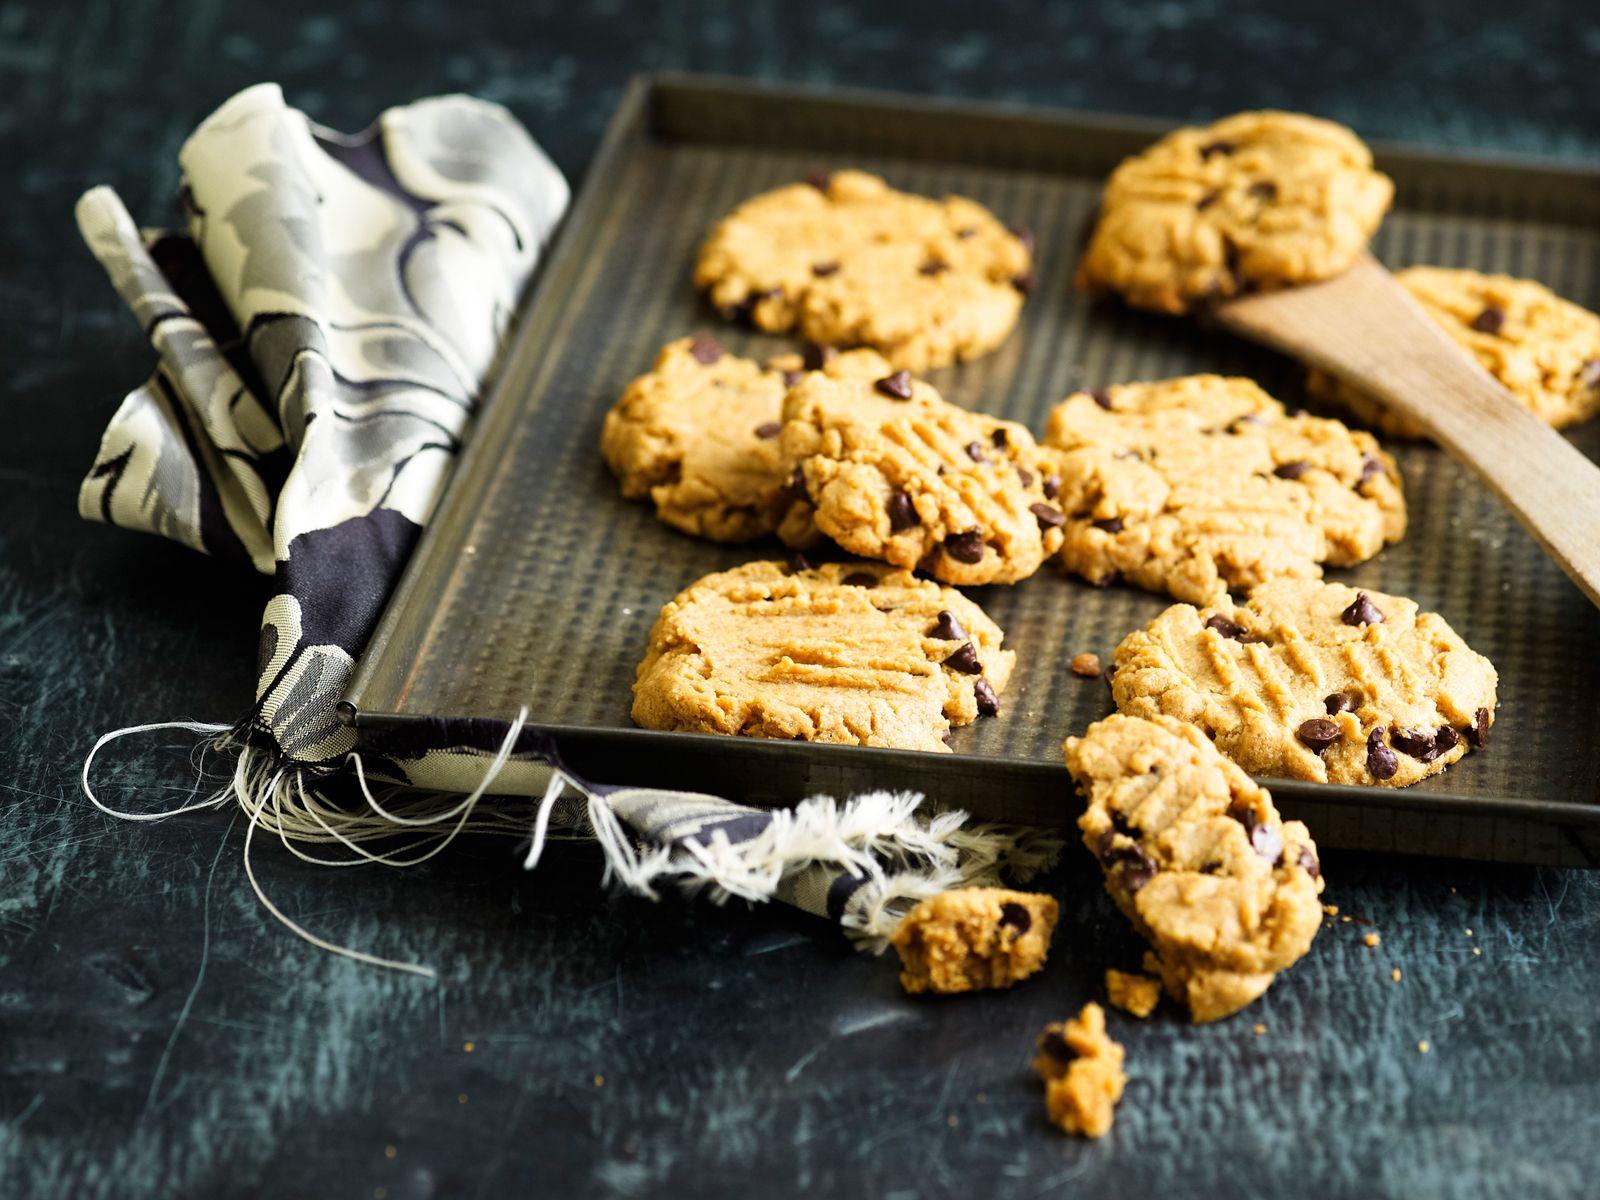 Voir la recette des biscuits au beurre de cacahuètes